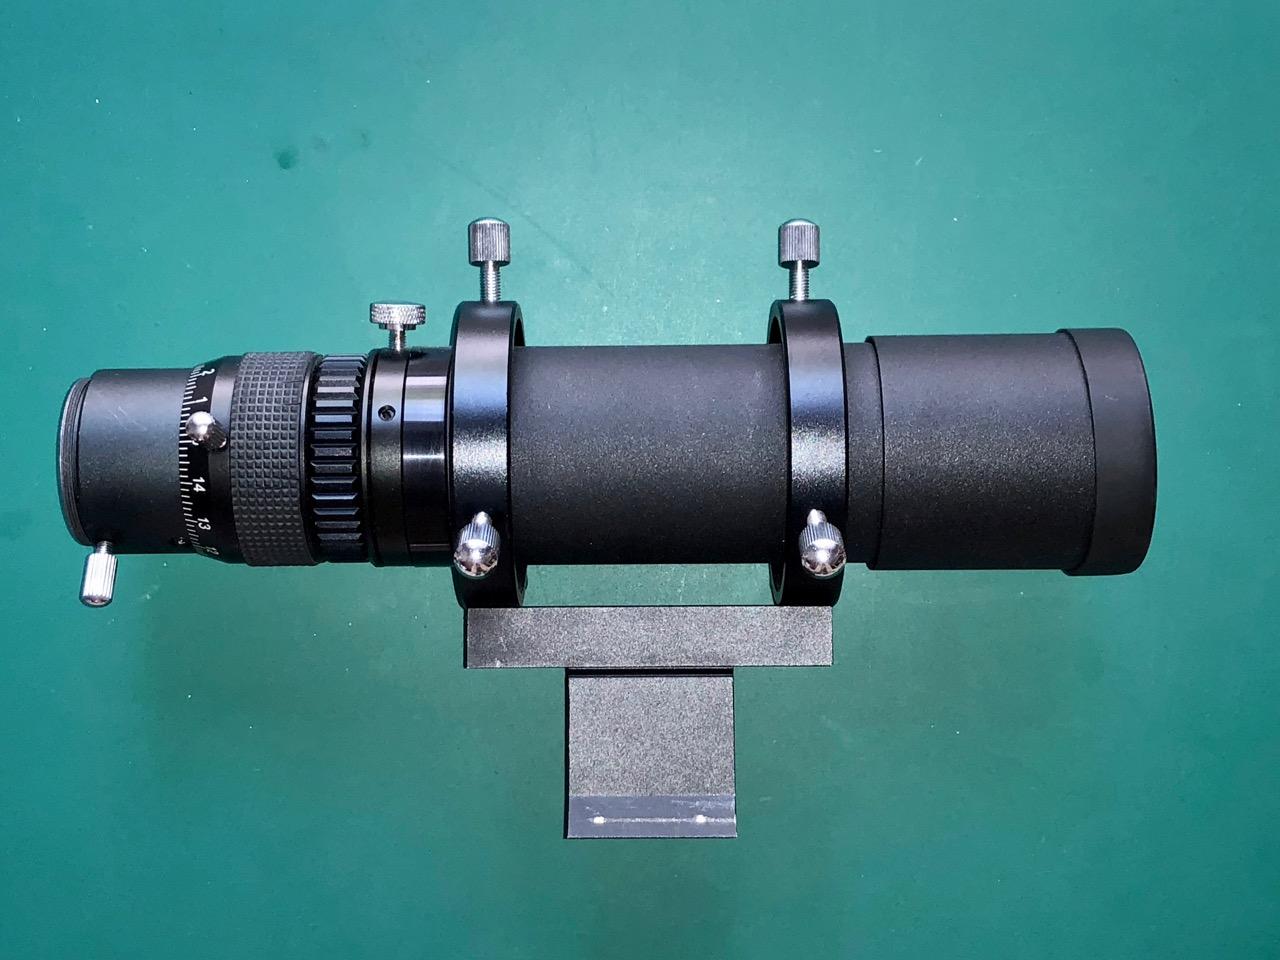 Stellarvue 9x50 finder/guidescope